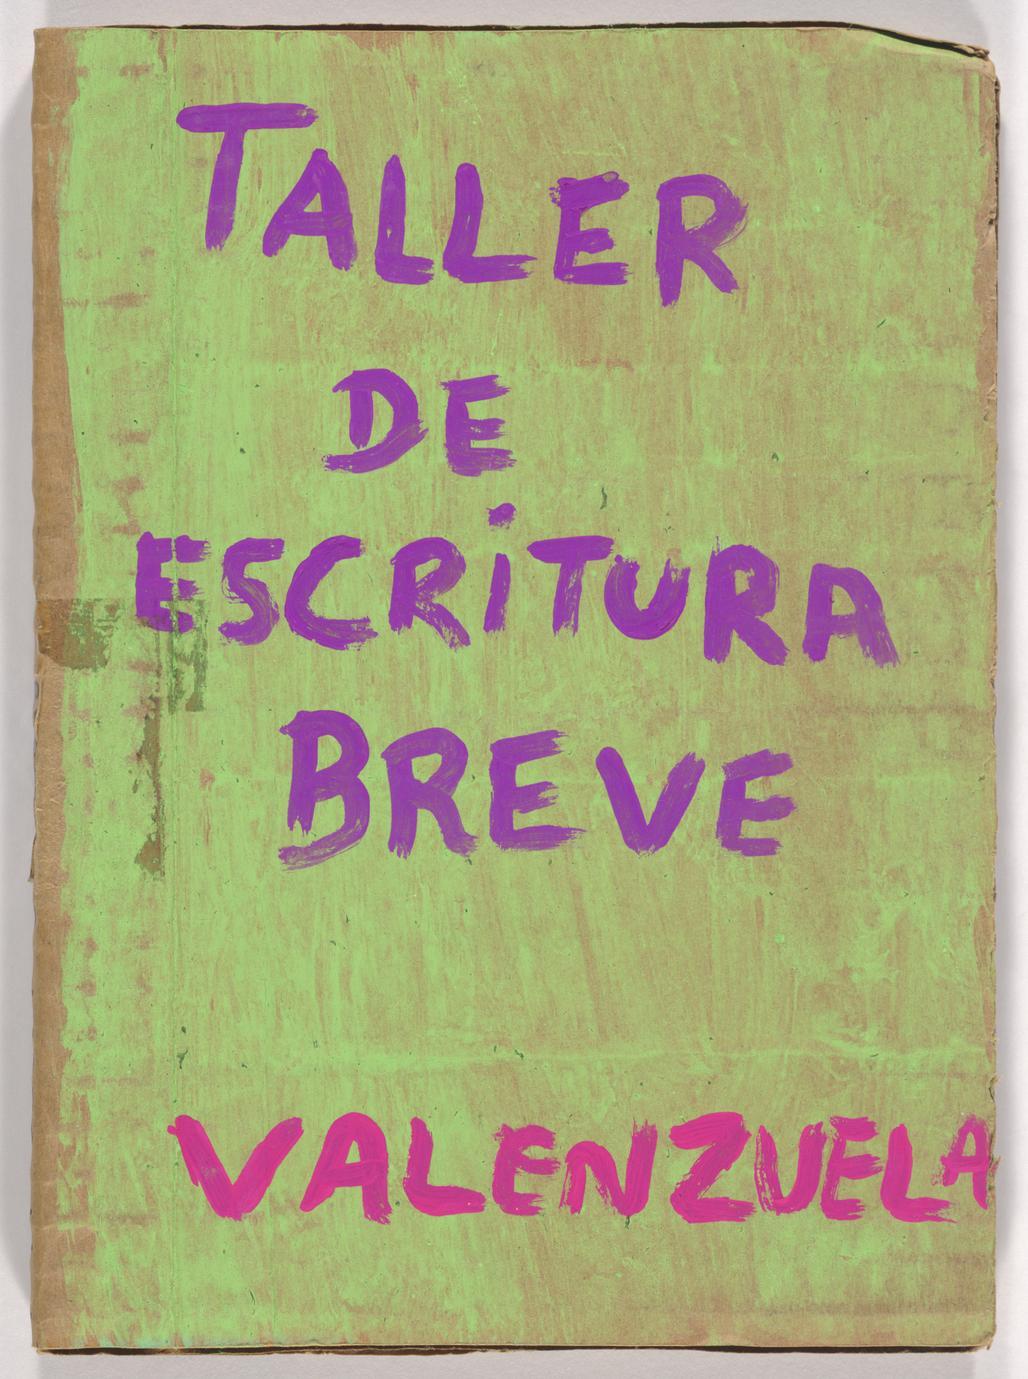 Taller de escritura breve (1 of 3)